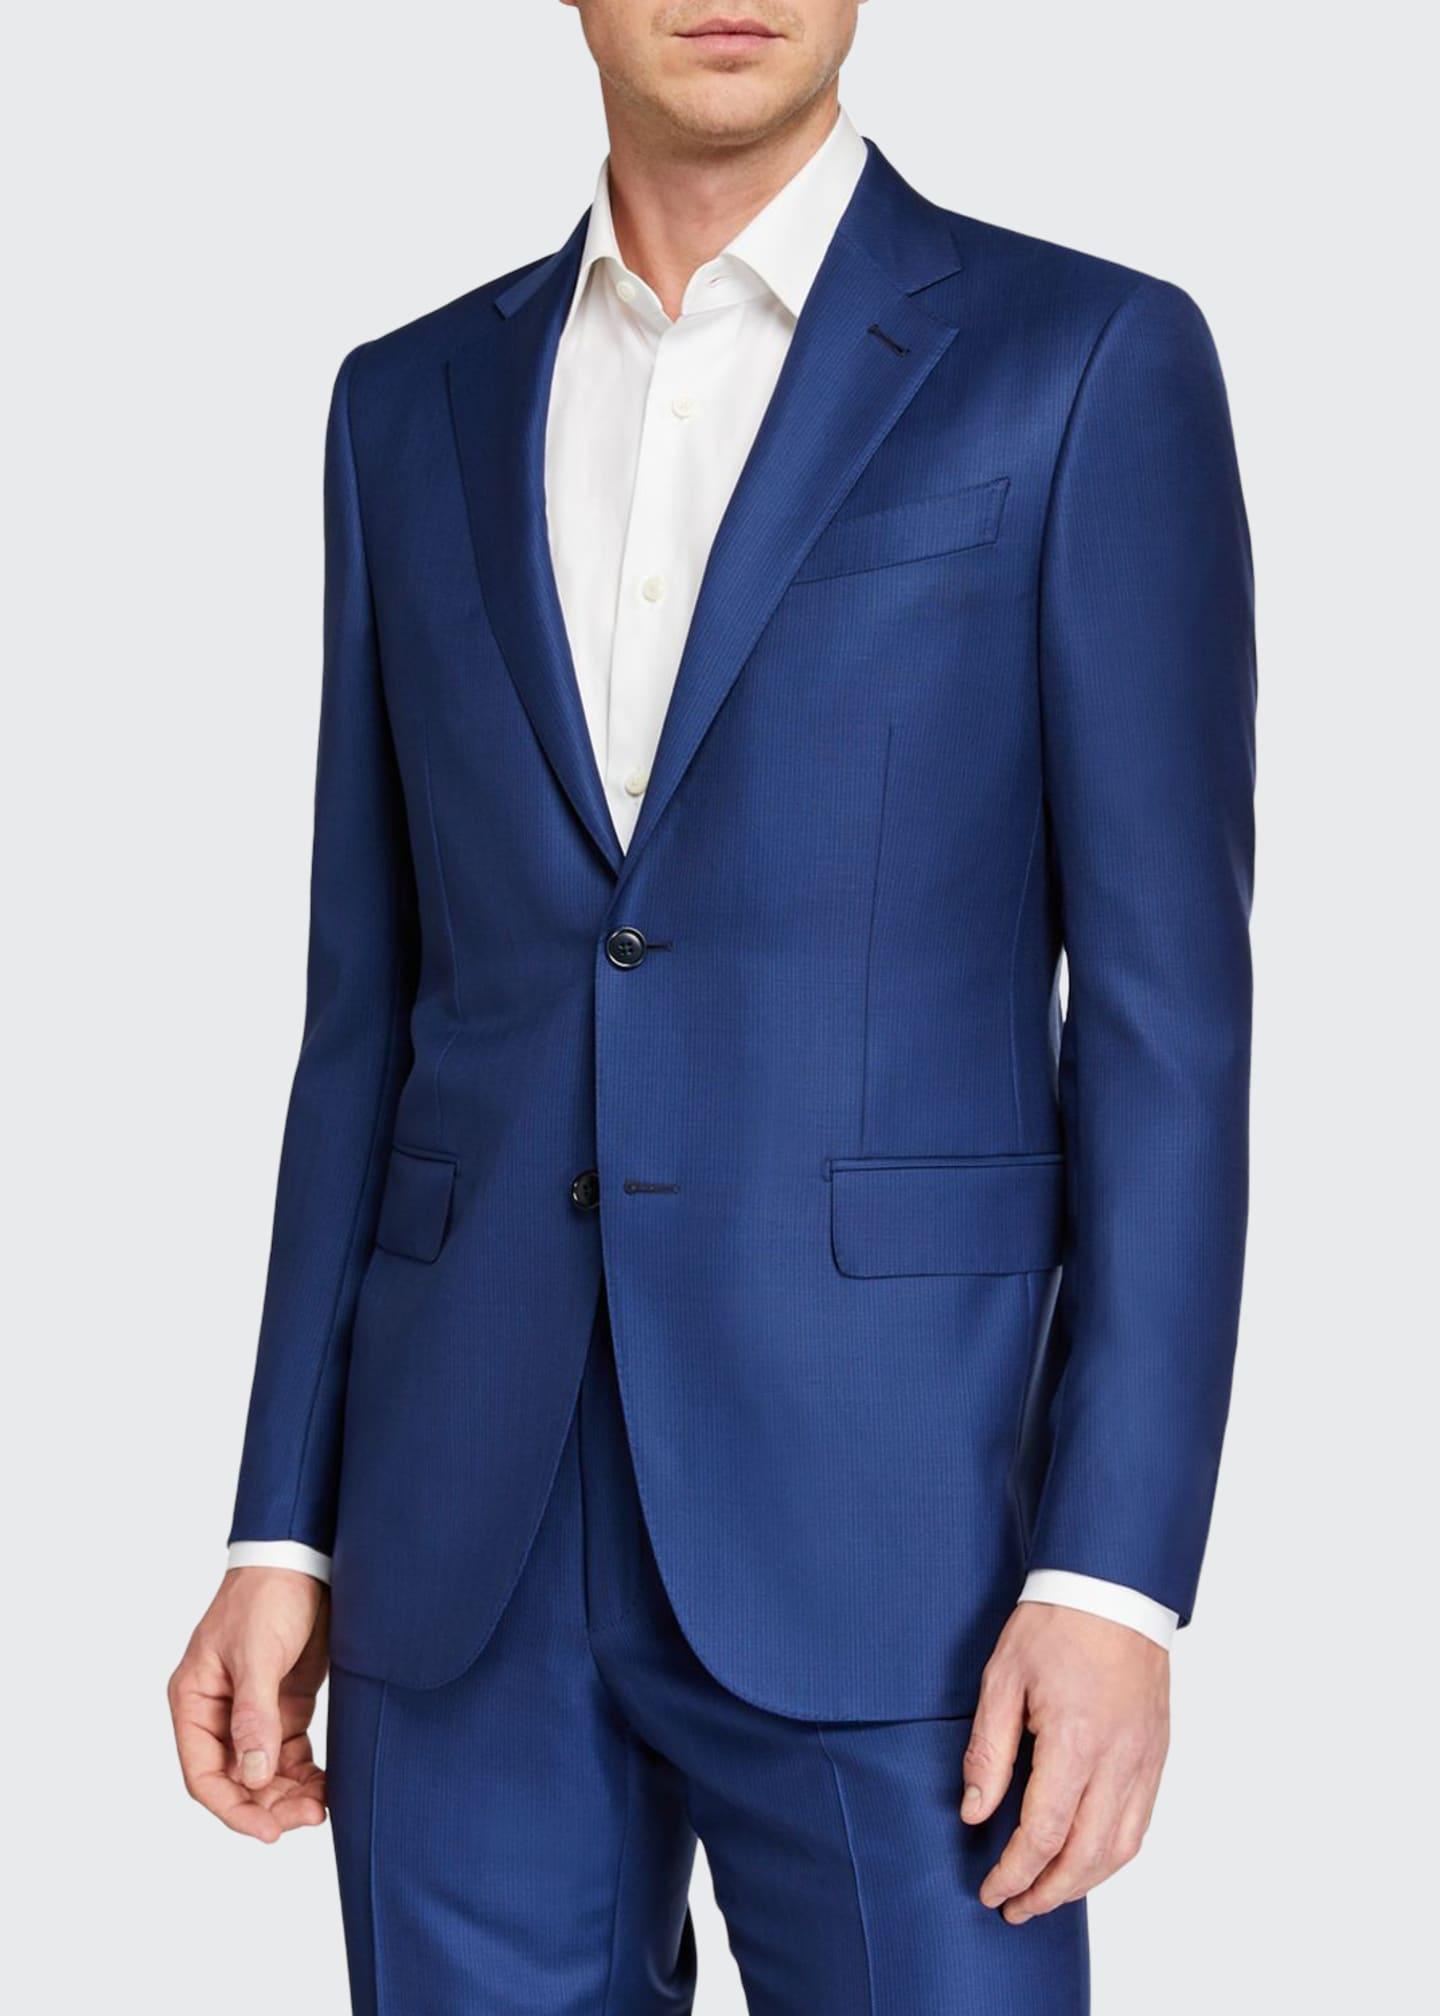 Ermenegildo Zegna Men's Two-Piece Textured Solid Wool Suit